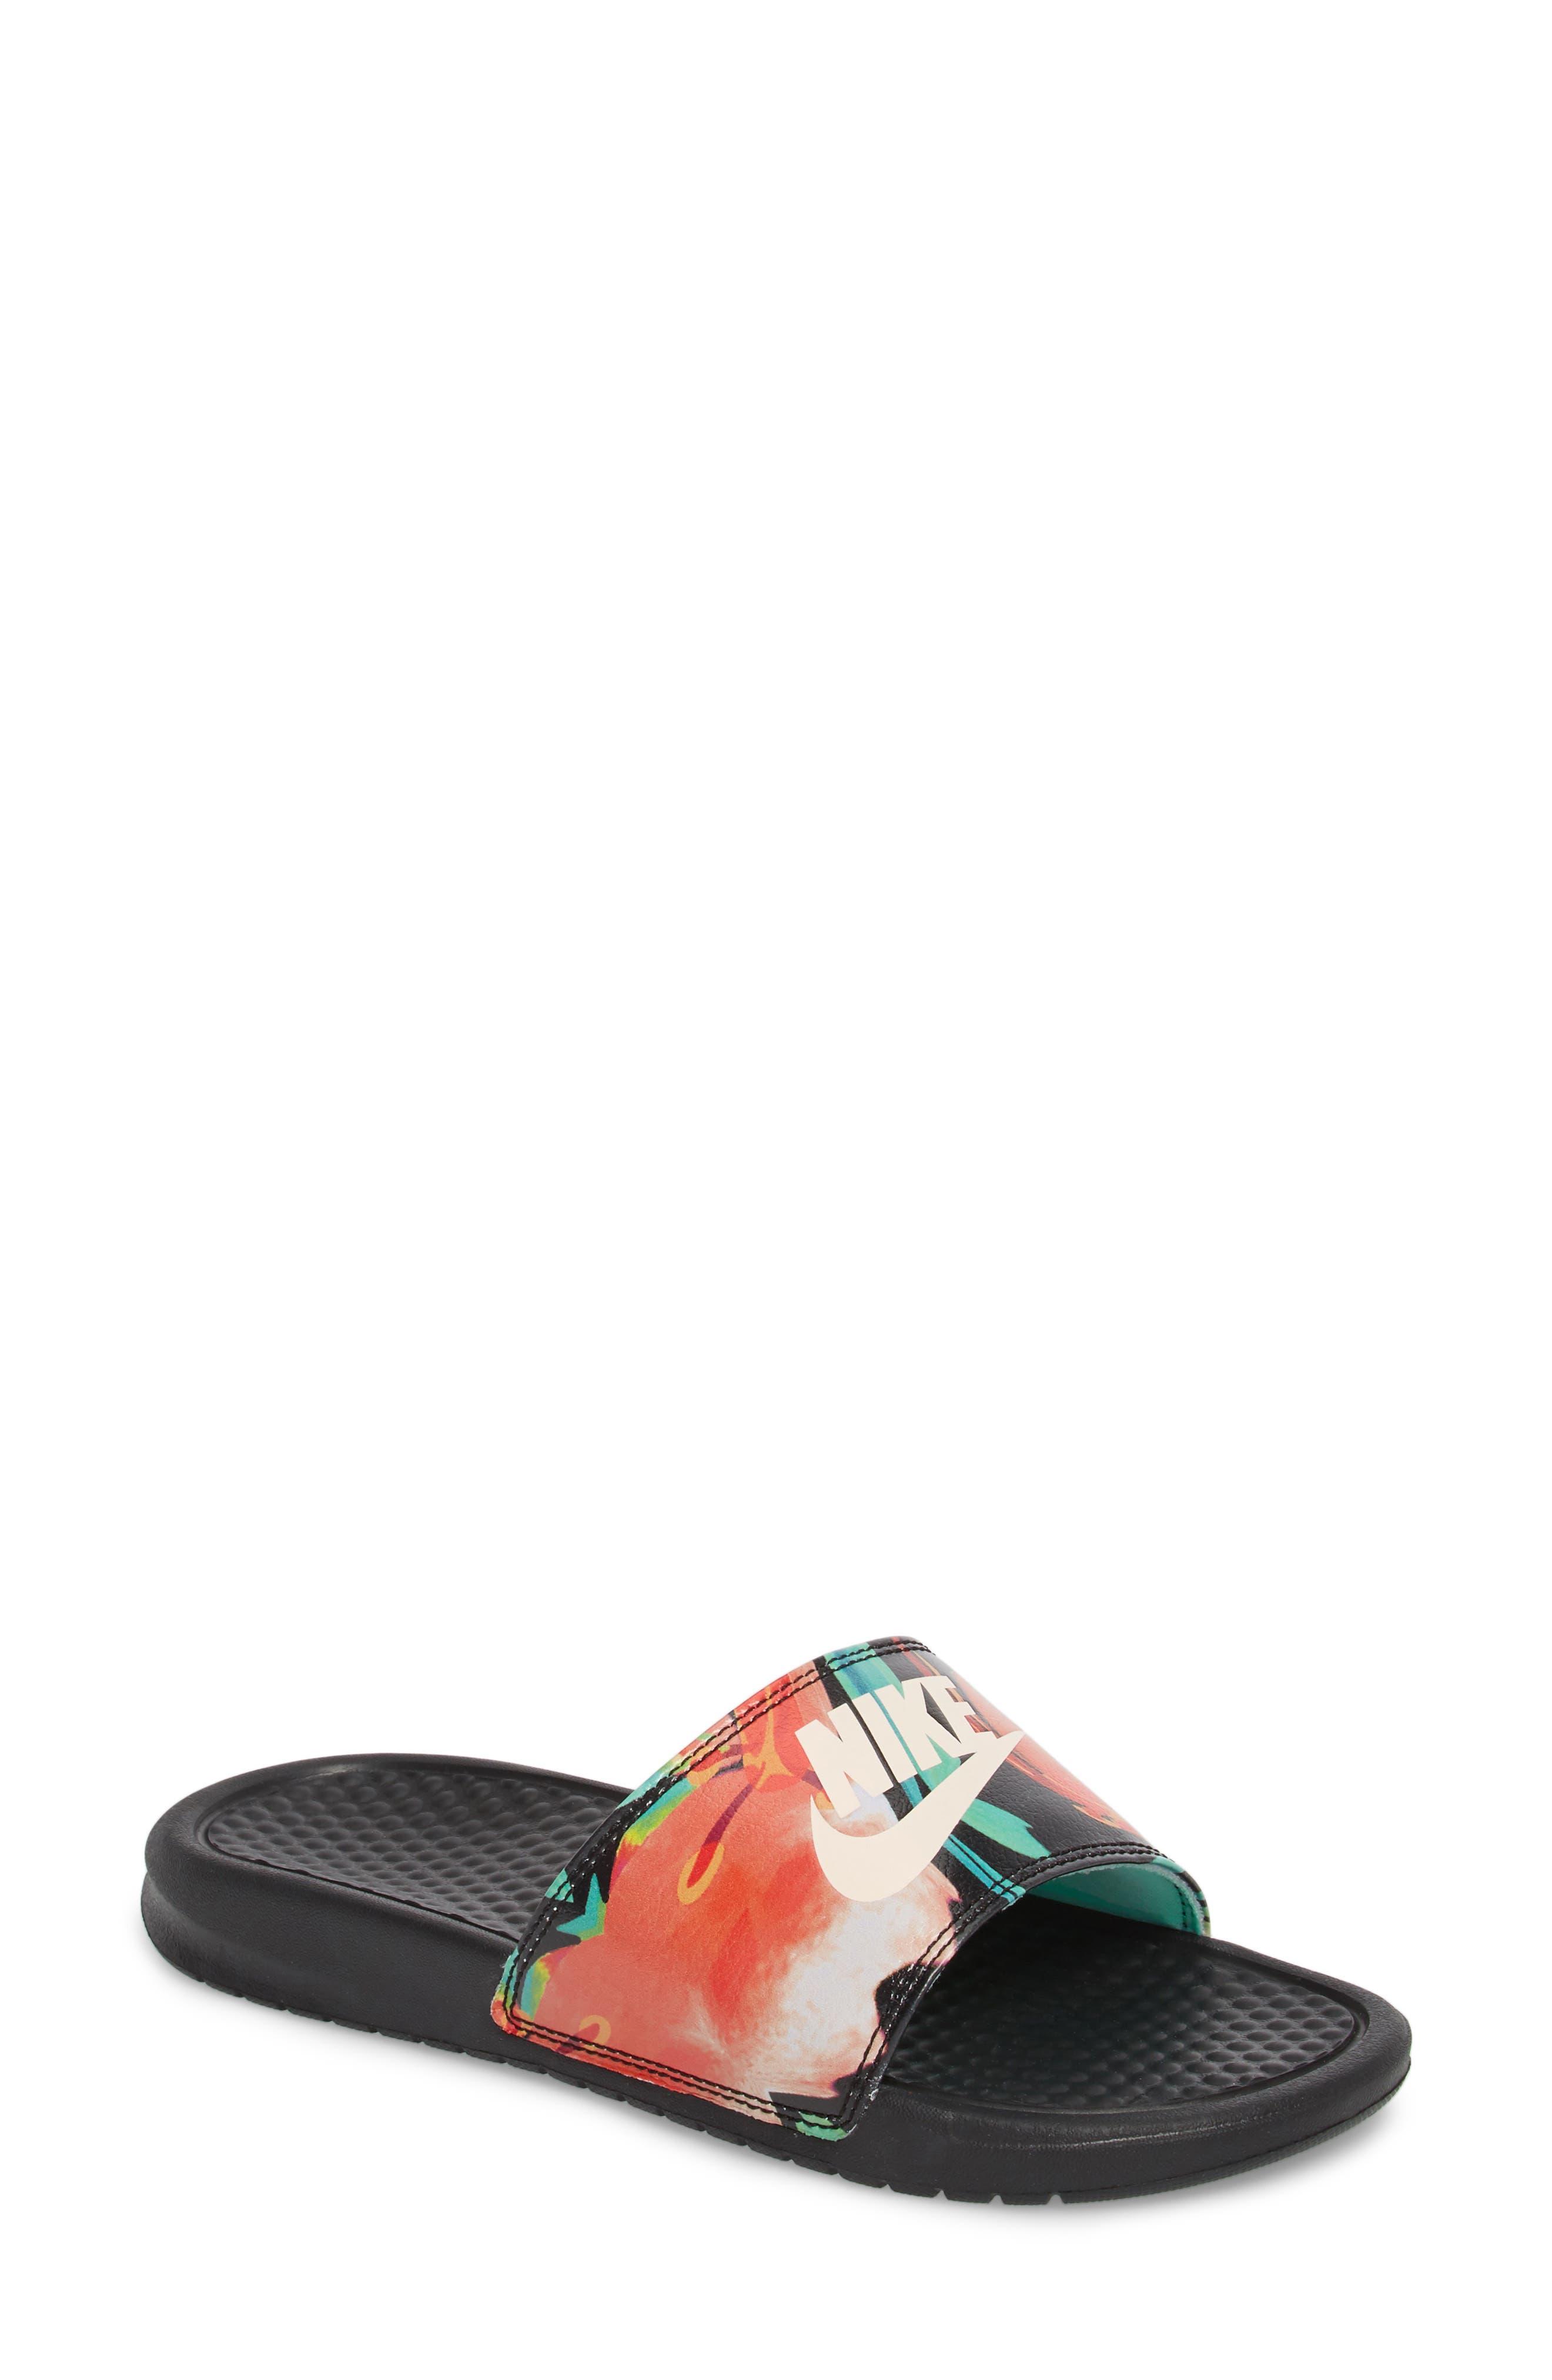 NIKE 'Benassi - Just Do It' Print Sandal, Main, color, BLACK/ CREAM